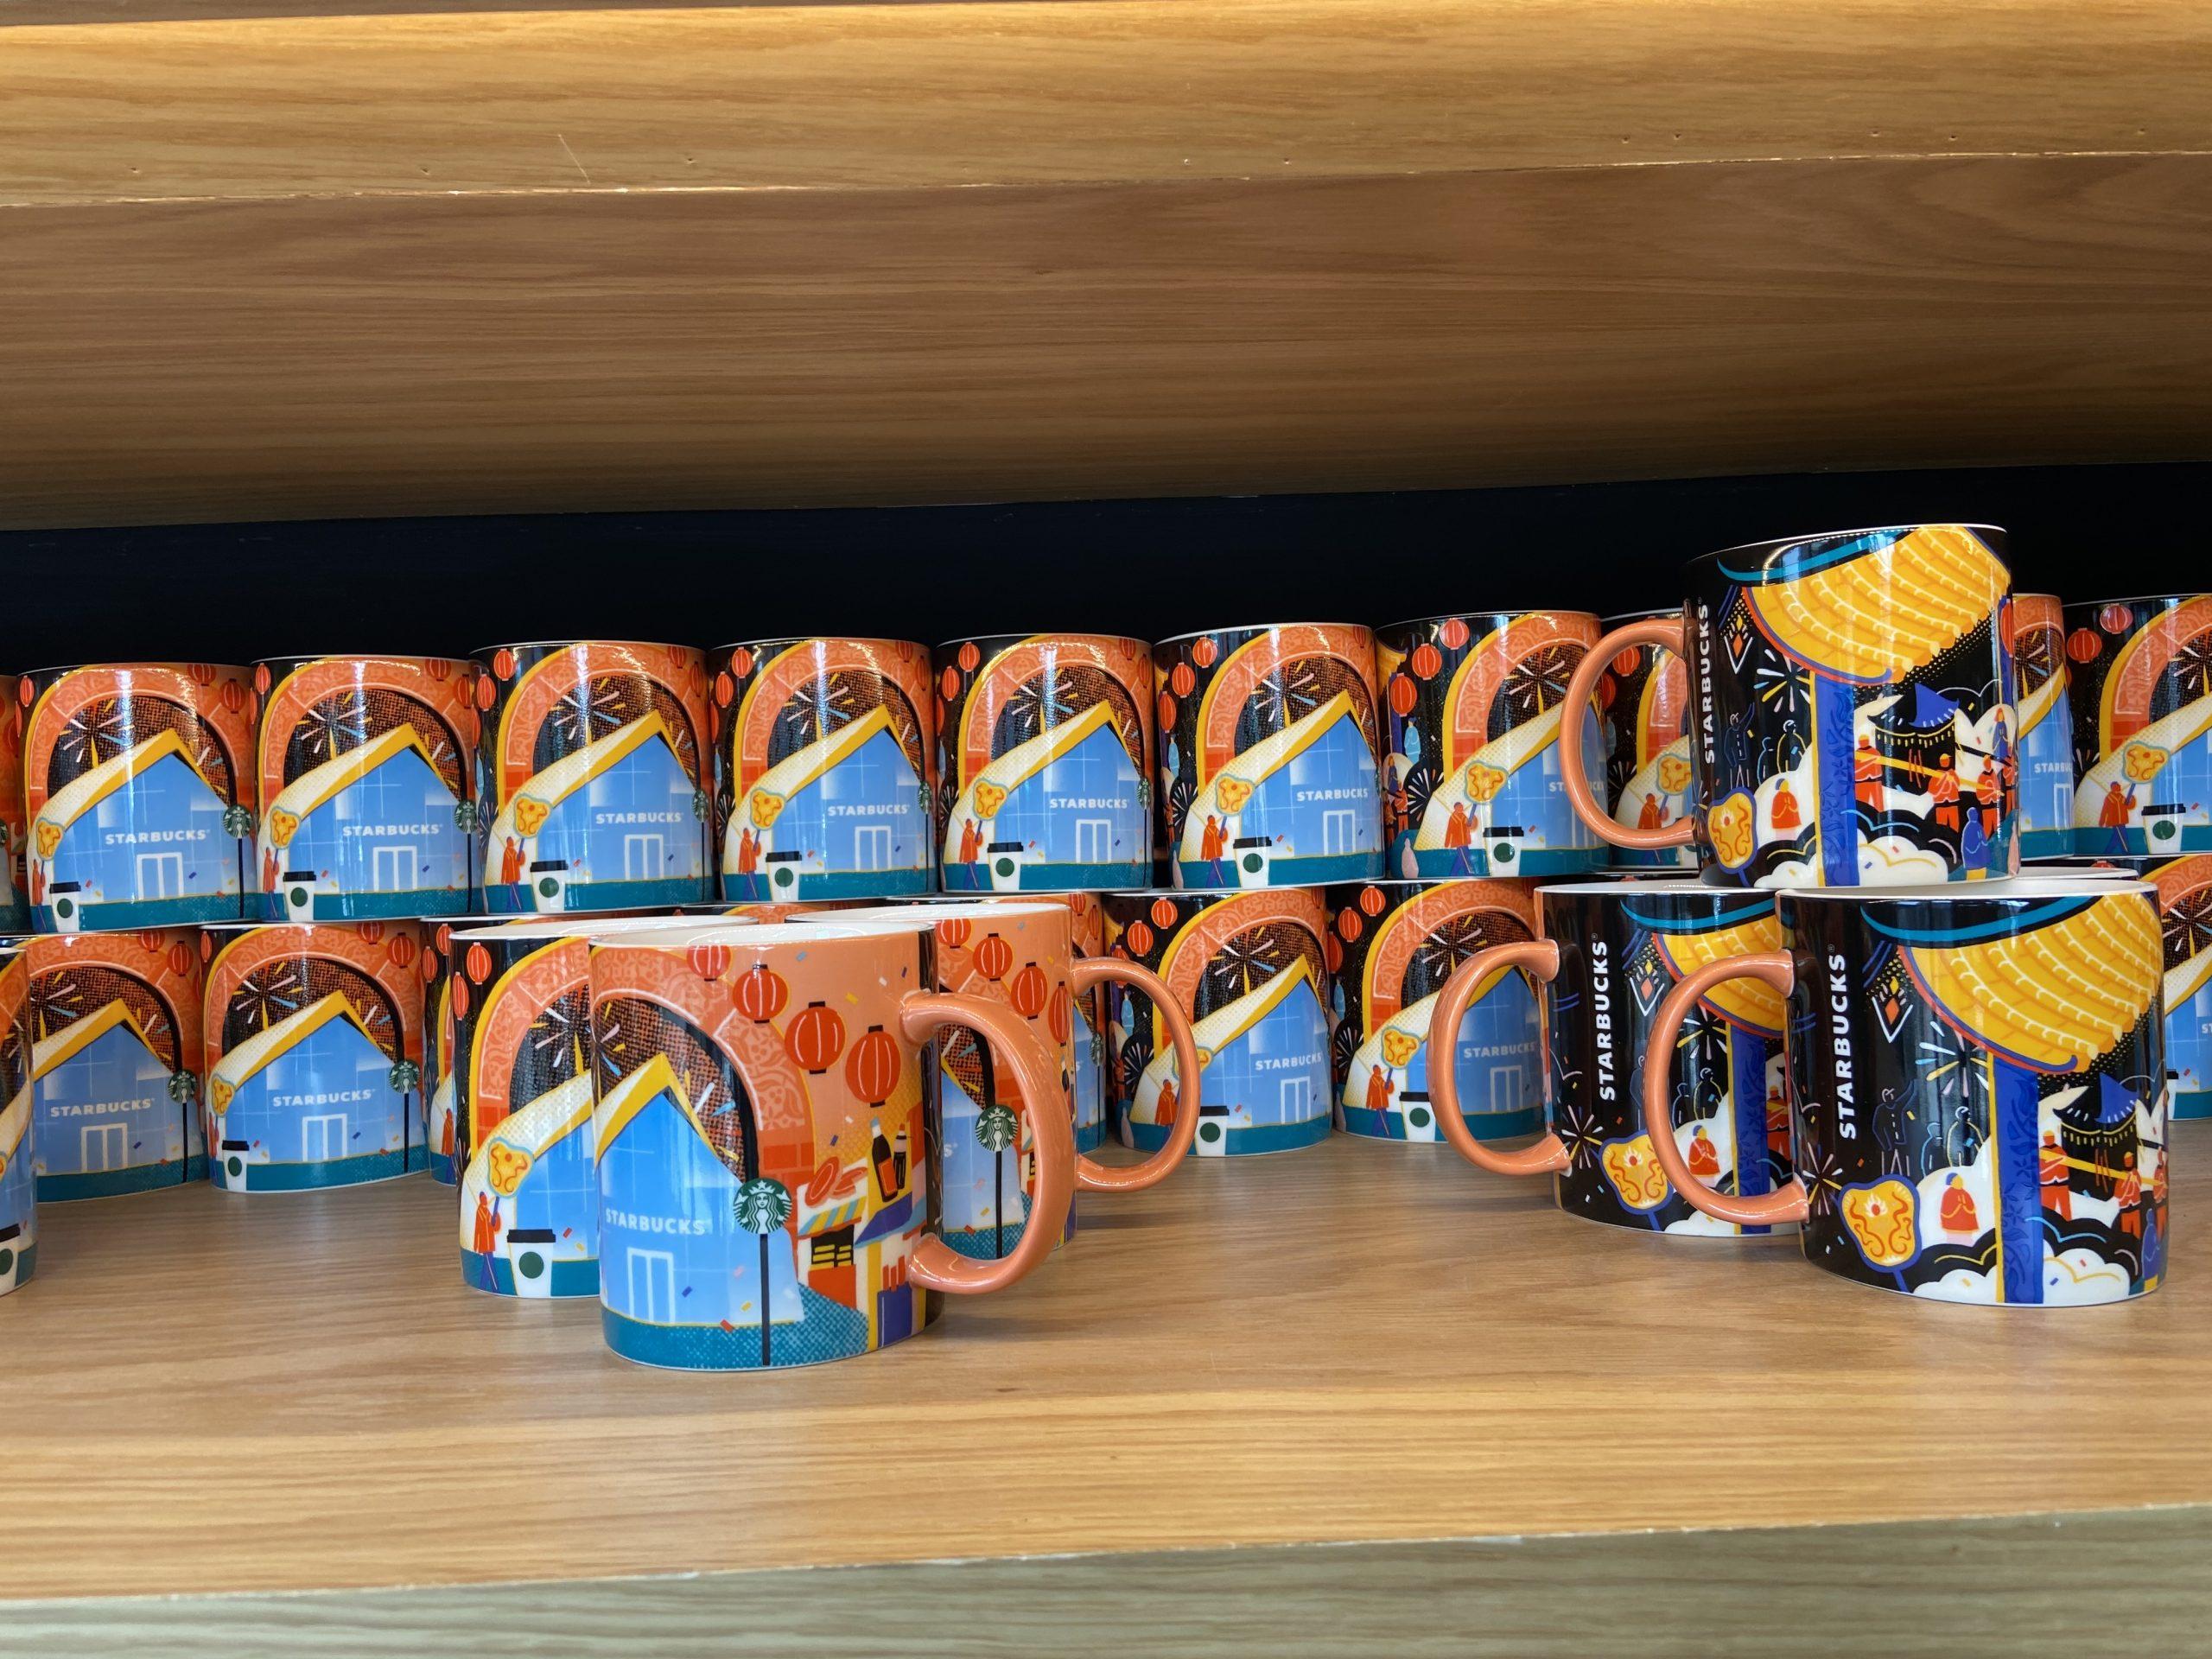 雲林》北港星巴克~坐享一杯咖啡超療癒,超氣派前衛有型建築X超美格柵天花。首賣花生巧克力杏仁捲,還有限定馬克杯可收! @捲捲頭 ♡ 品味生活